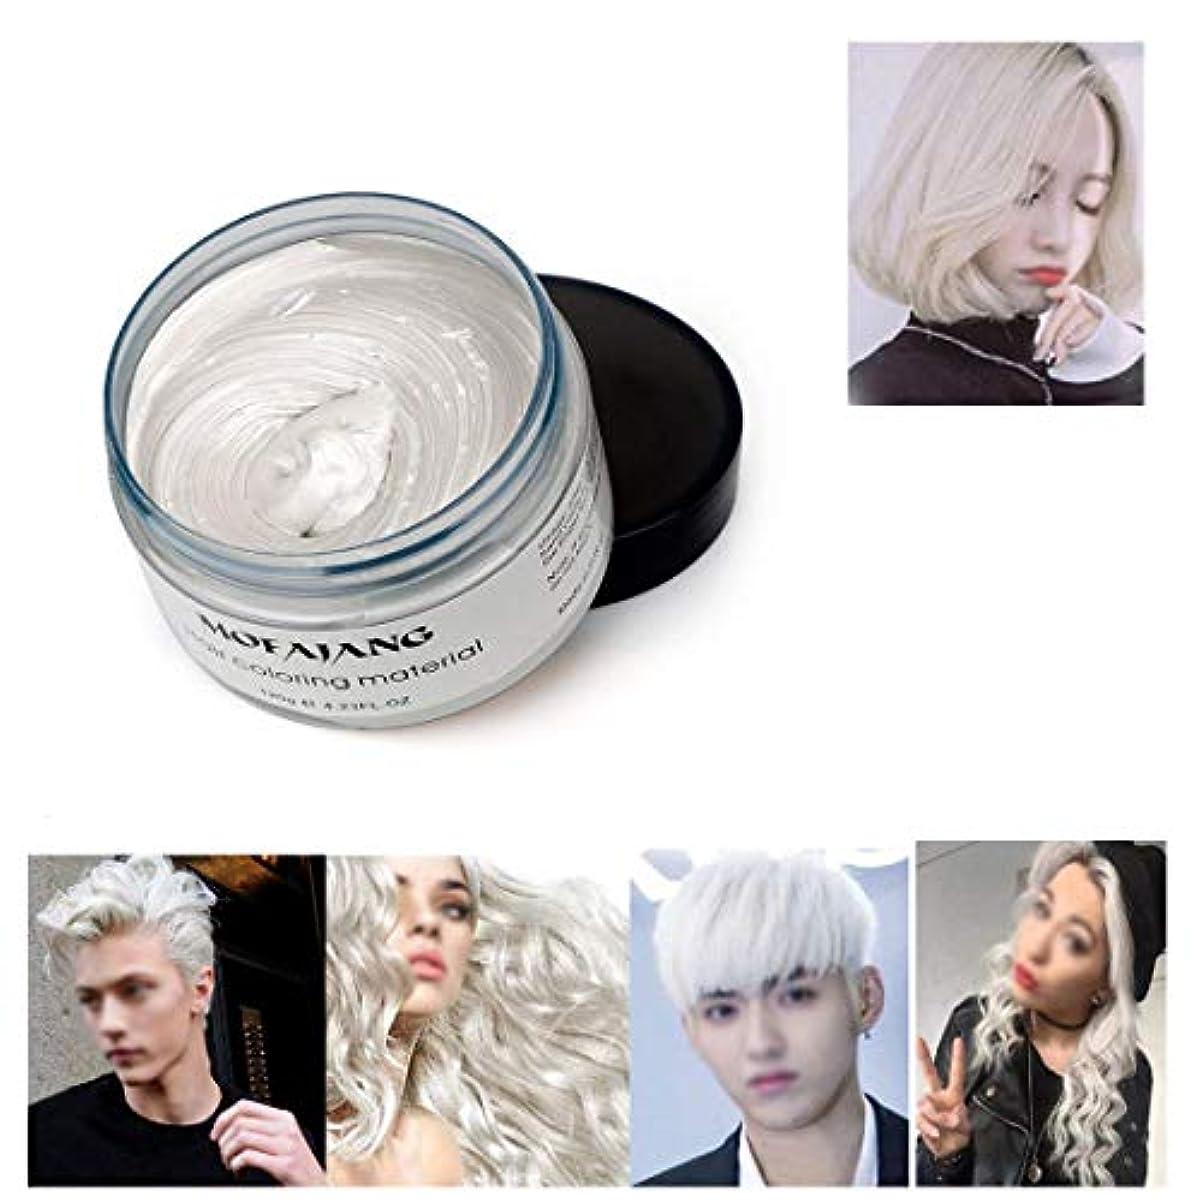 系譜セメント寝る髪色ワックス,一度だけ一時的に自然色染料ヘアワックスをモデリング,パーティーのための自然なマット髪型。コスプレ、仮装、ナイトクラブ、ハロウィーン (ホワイト)